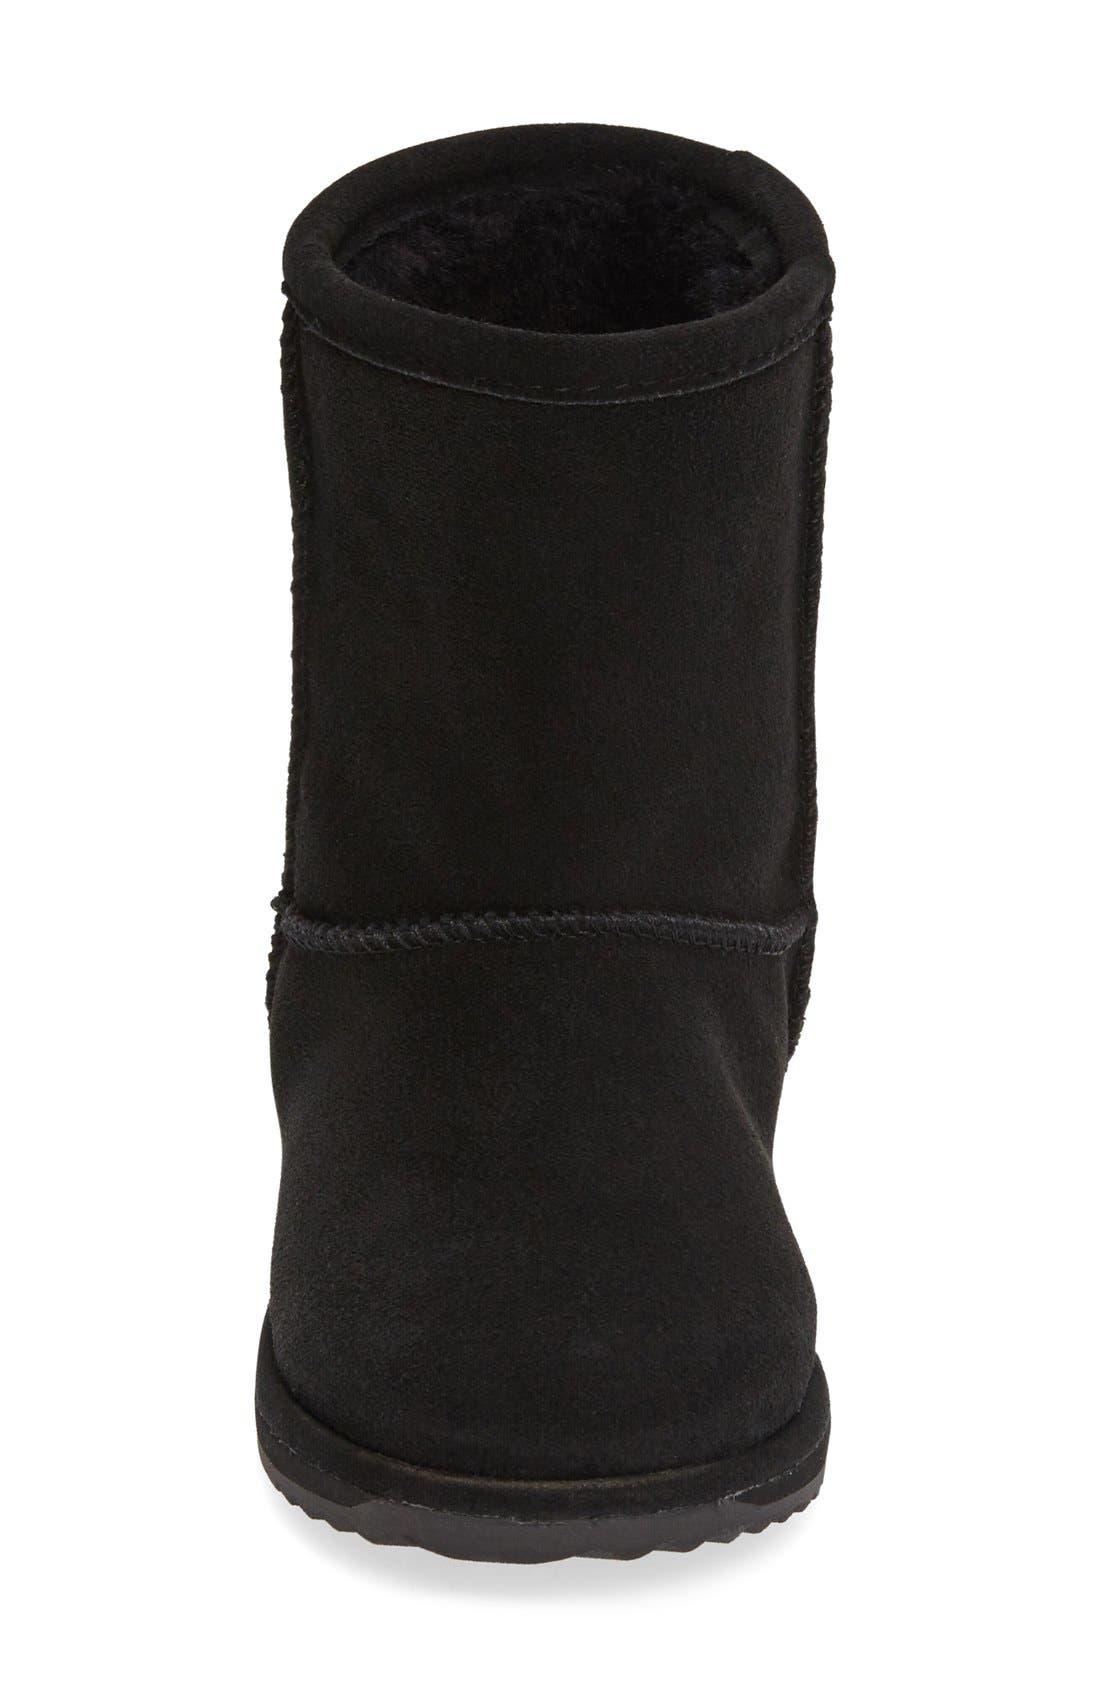 Brumby Waterproof Boot,                             Alternate thumbnail 7, color,                             BLACK SUEDE